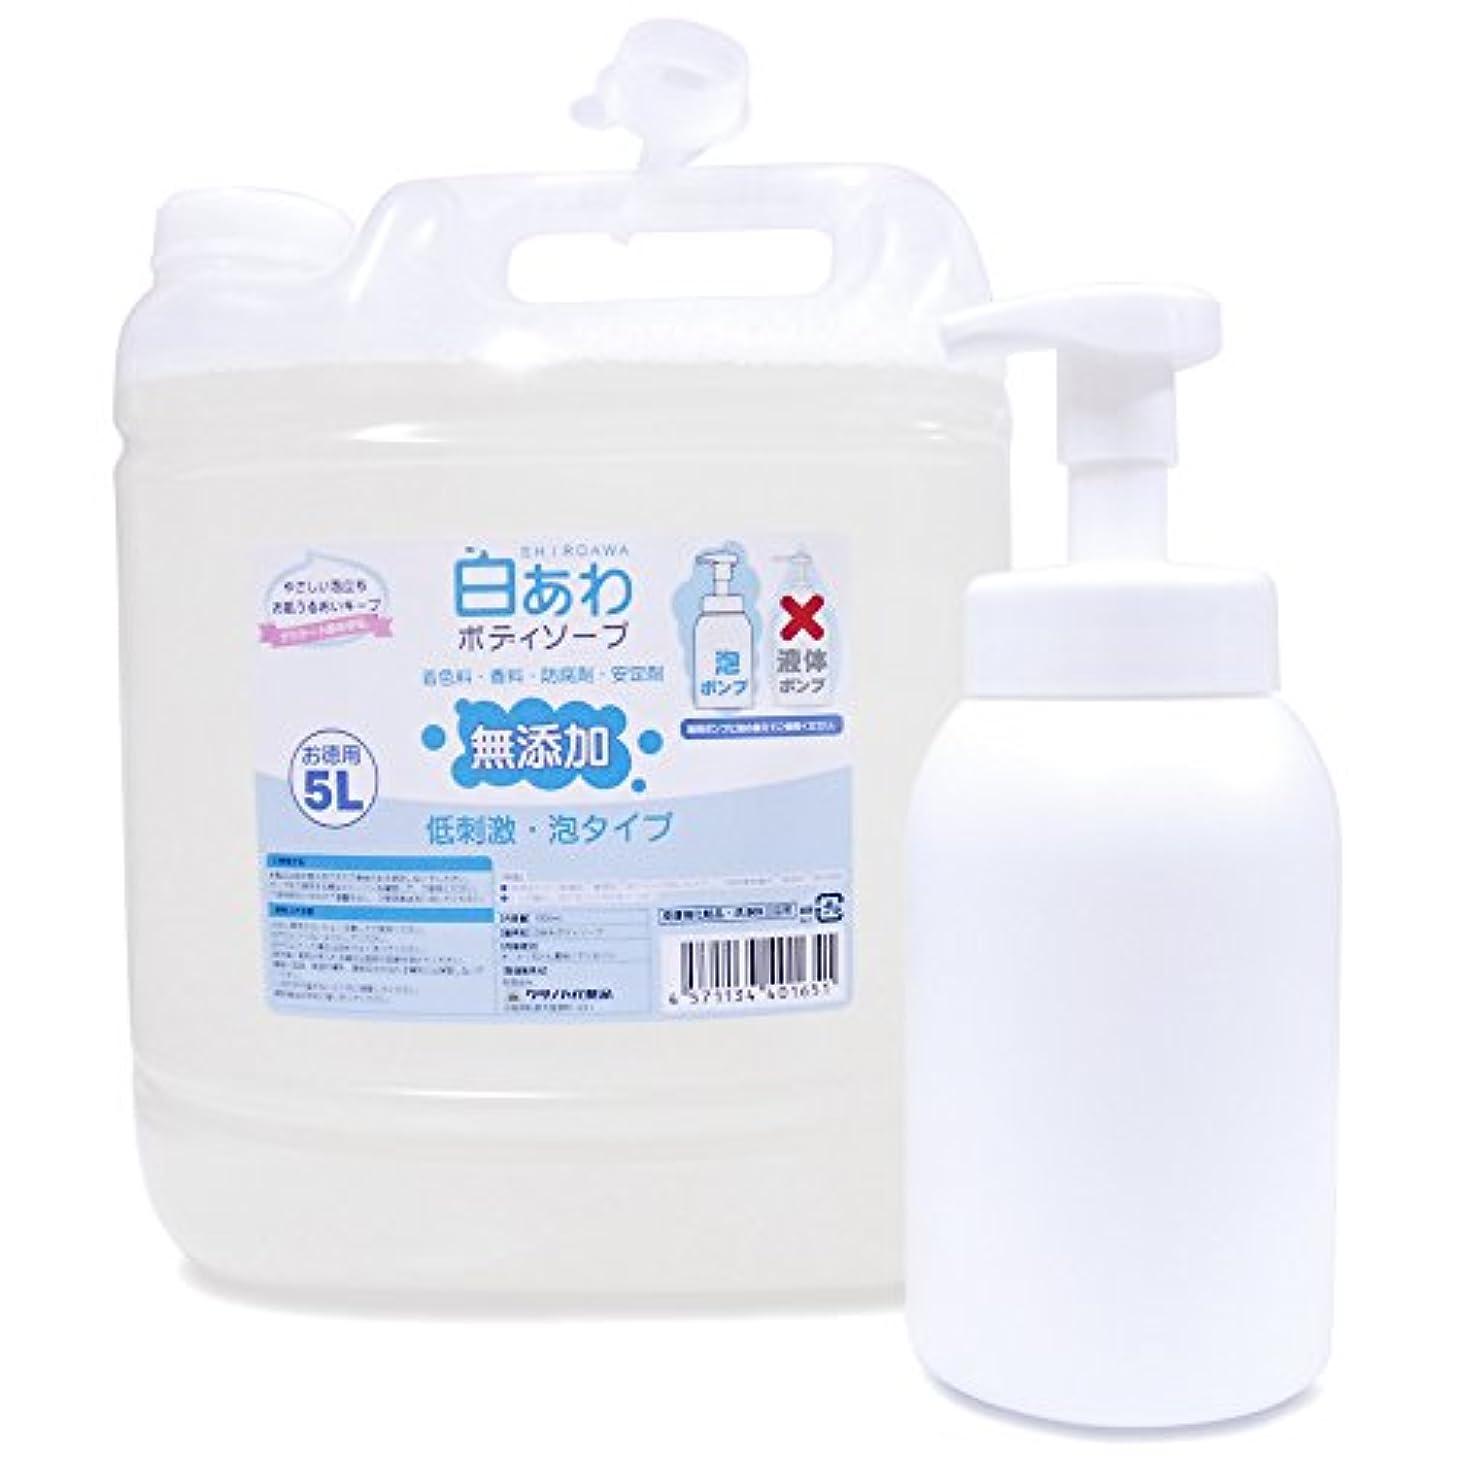 タール冷蔵庫【無添加】白あわボディソープ 5L ポンプ容器セット